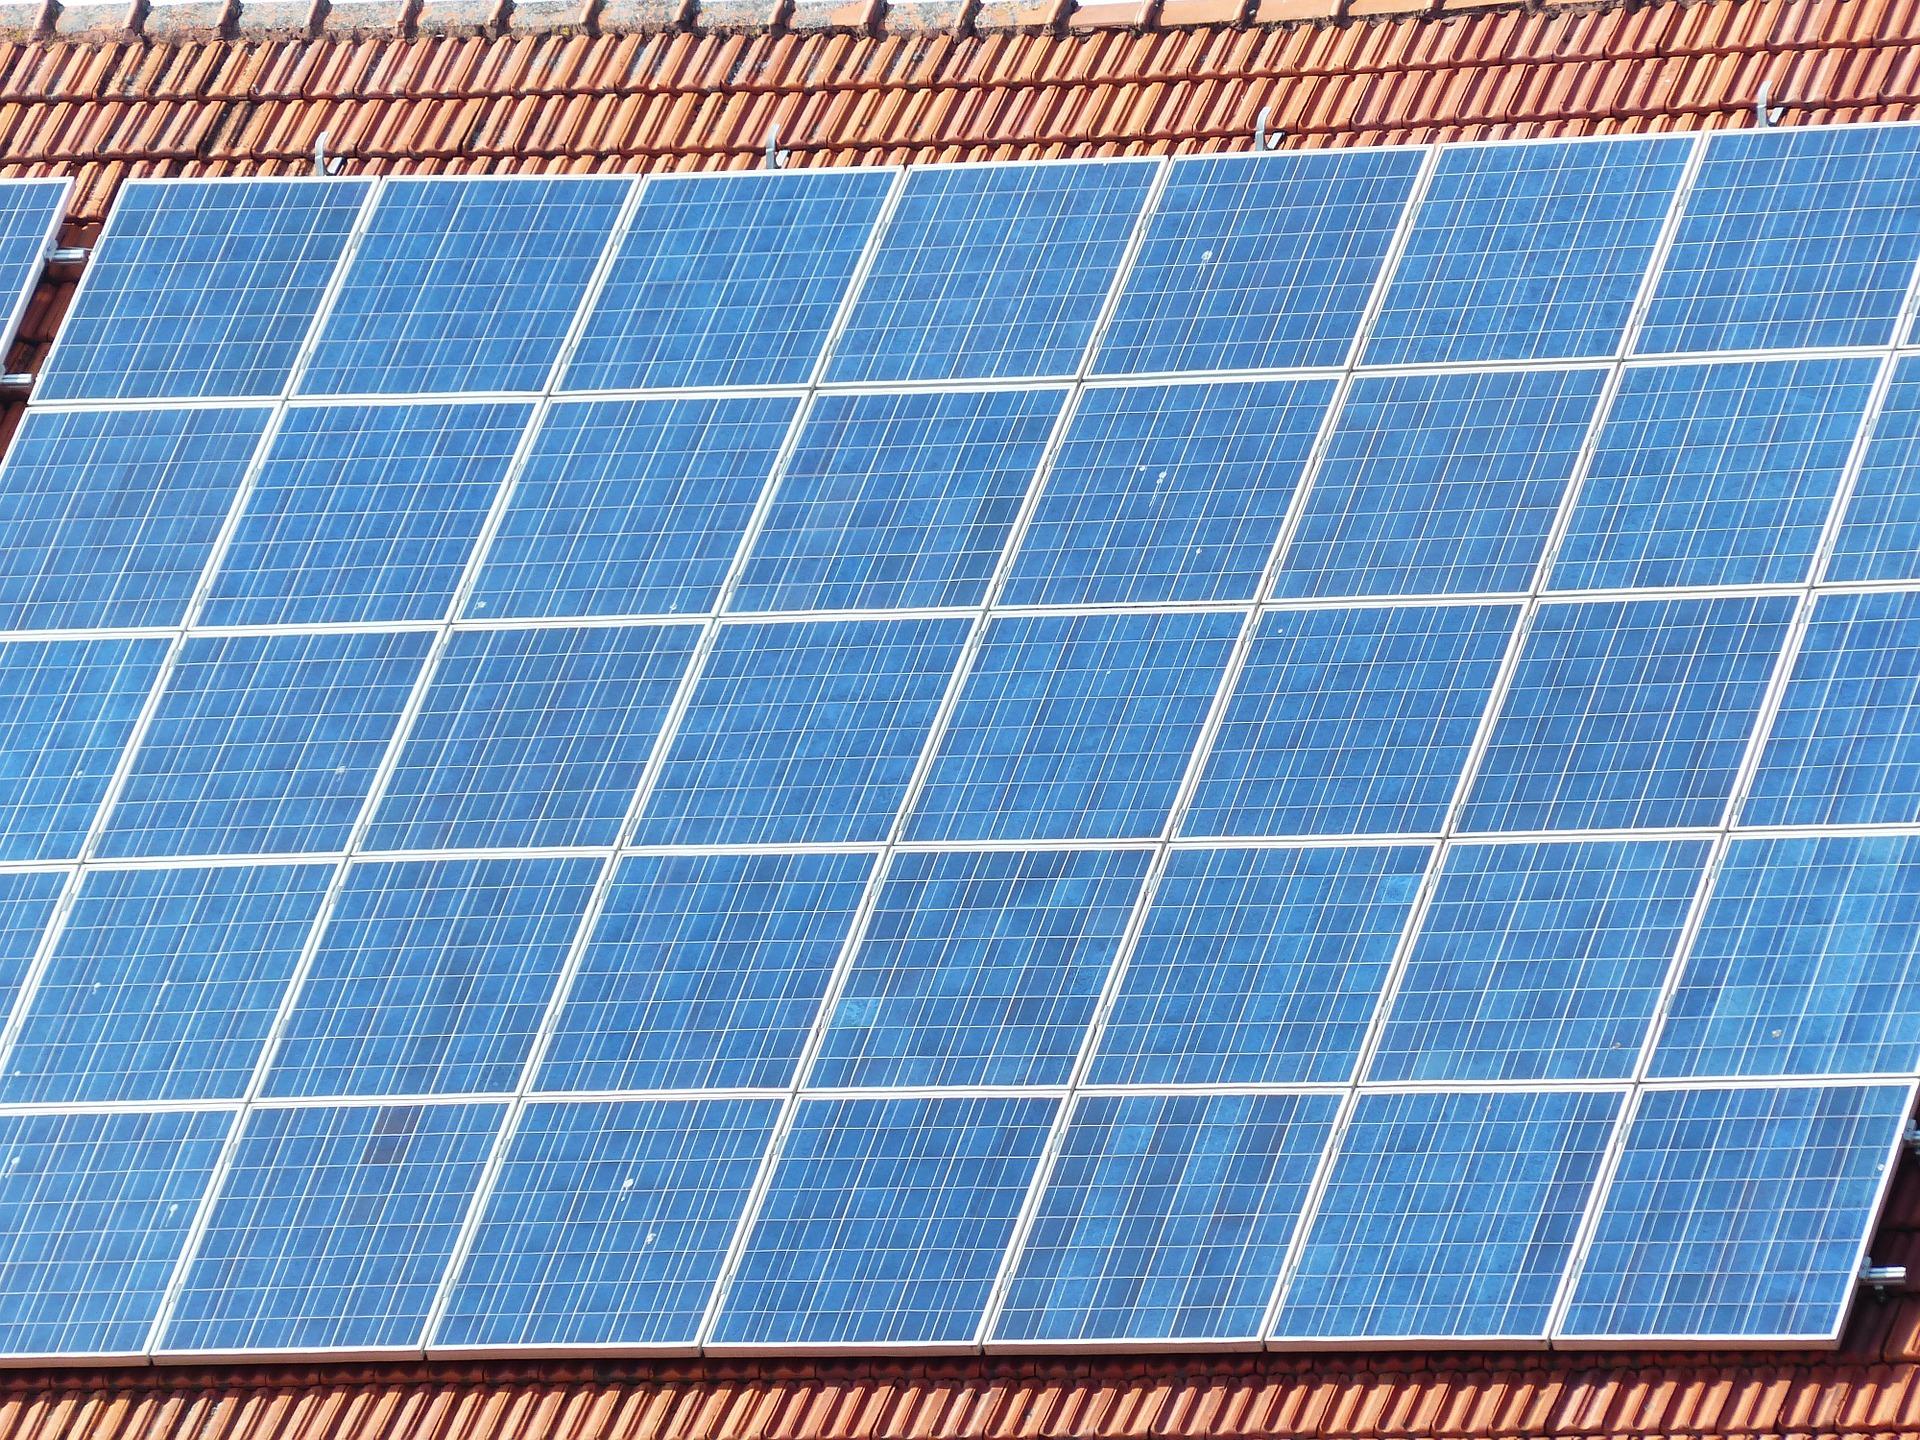 Ссылка дня: как установить солнечные панели в своем доме и заработать на этом